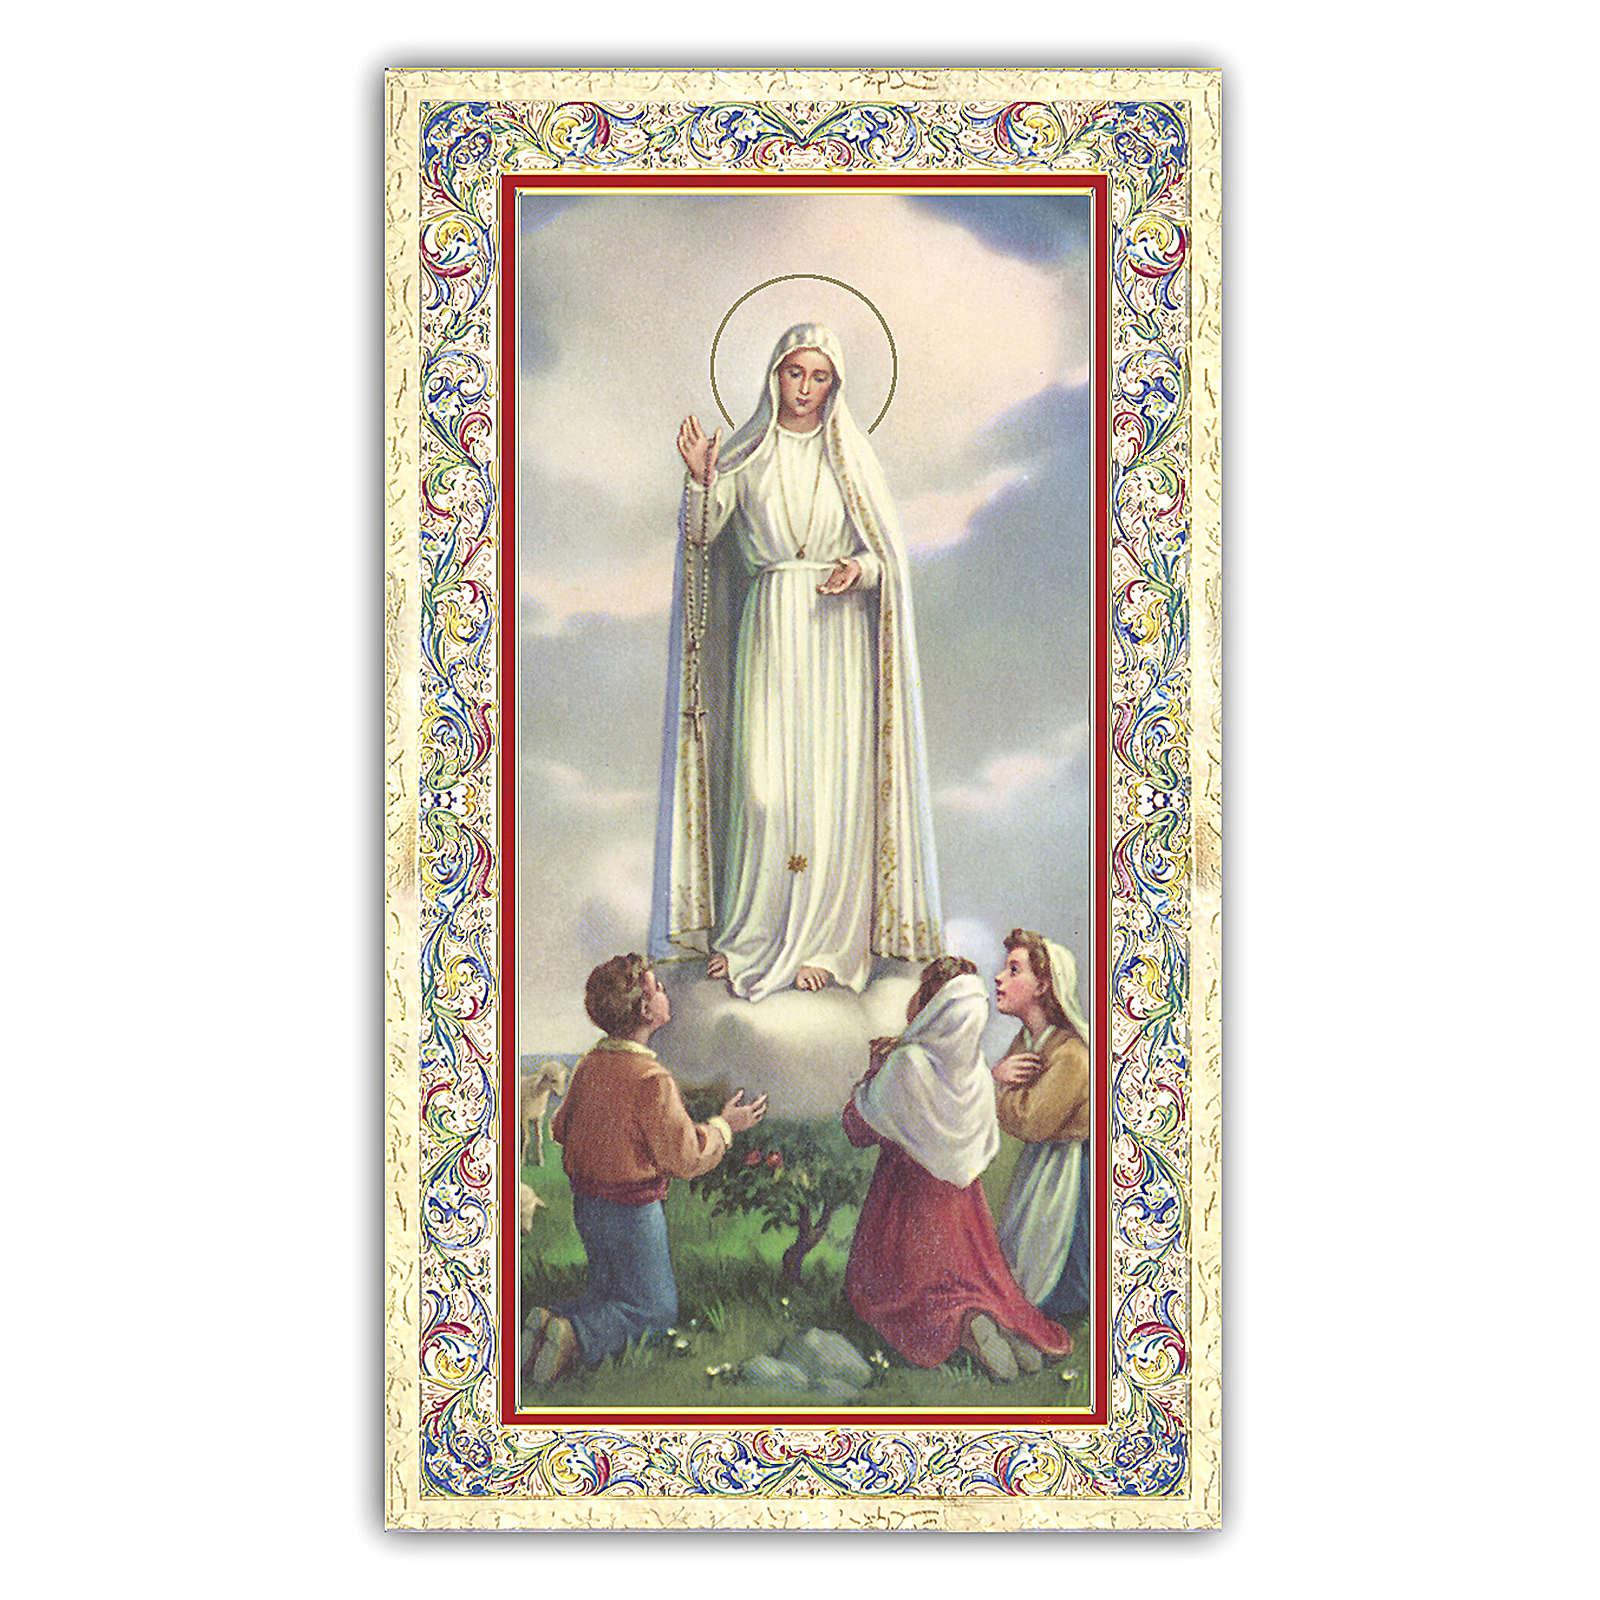 Estampa religiosa Virgen de Fátima con los tres Pastores 10x5 cm ITA 4